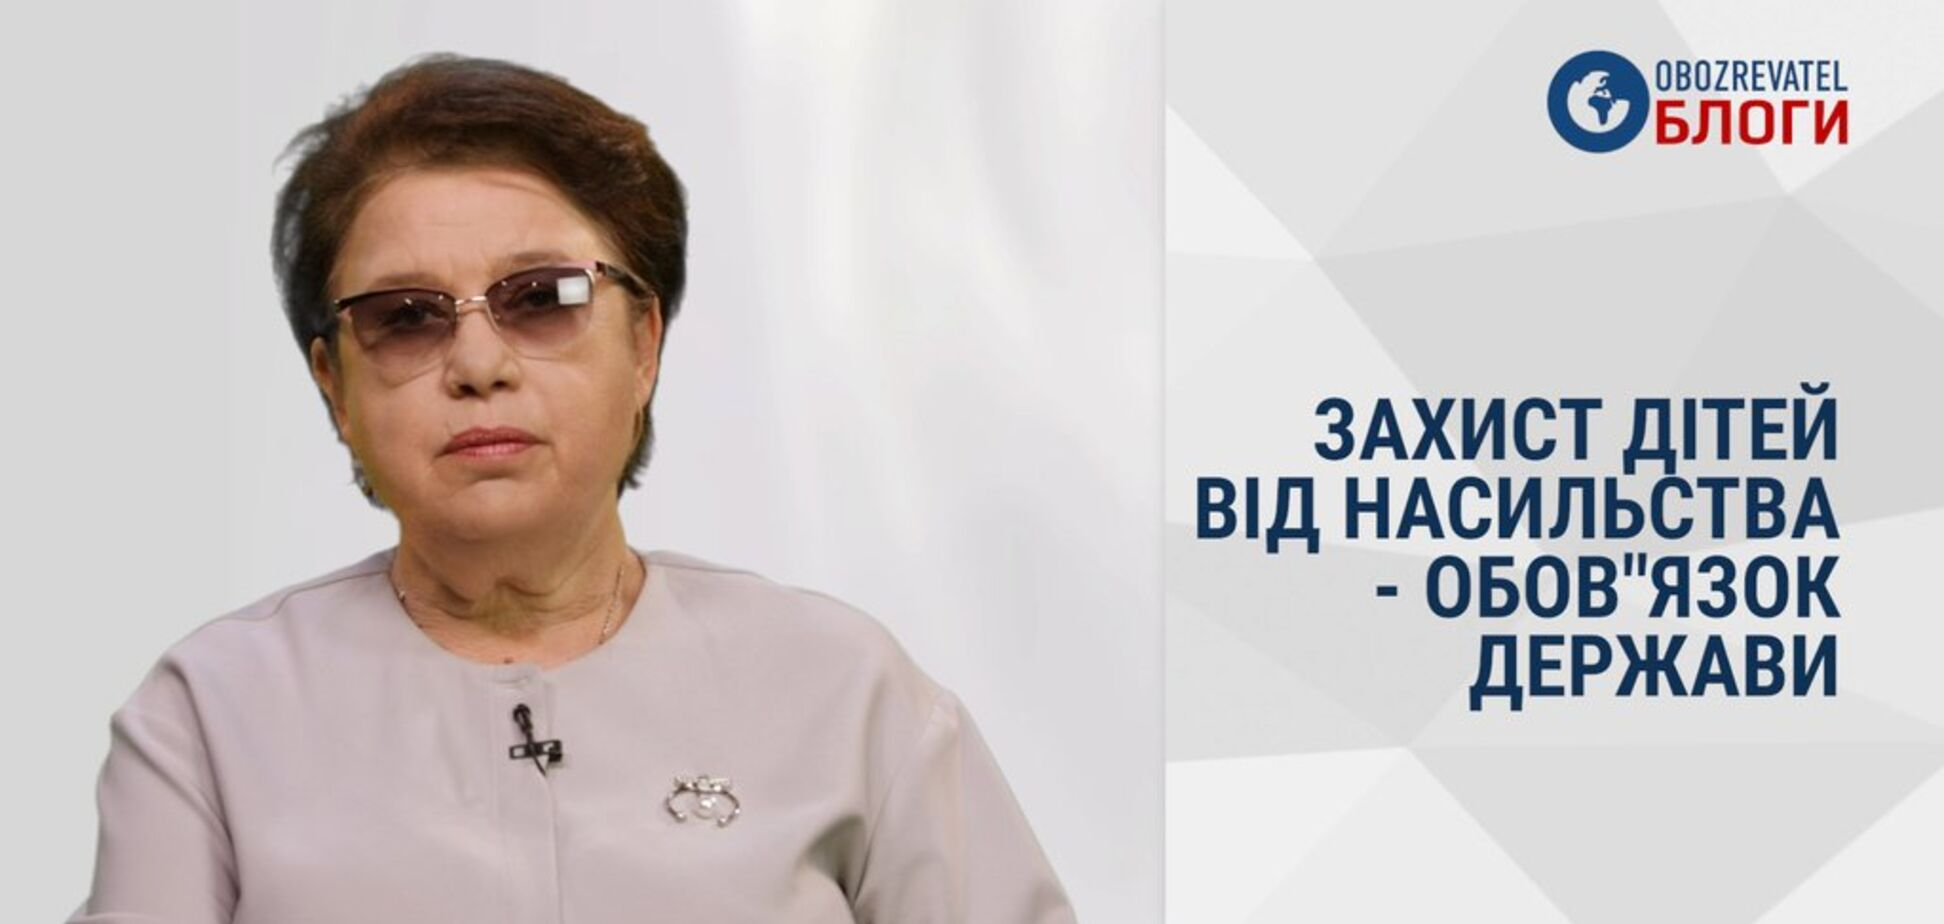 Захист дітей від насильства - обов'язок держави - Людмила Волинець